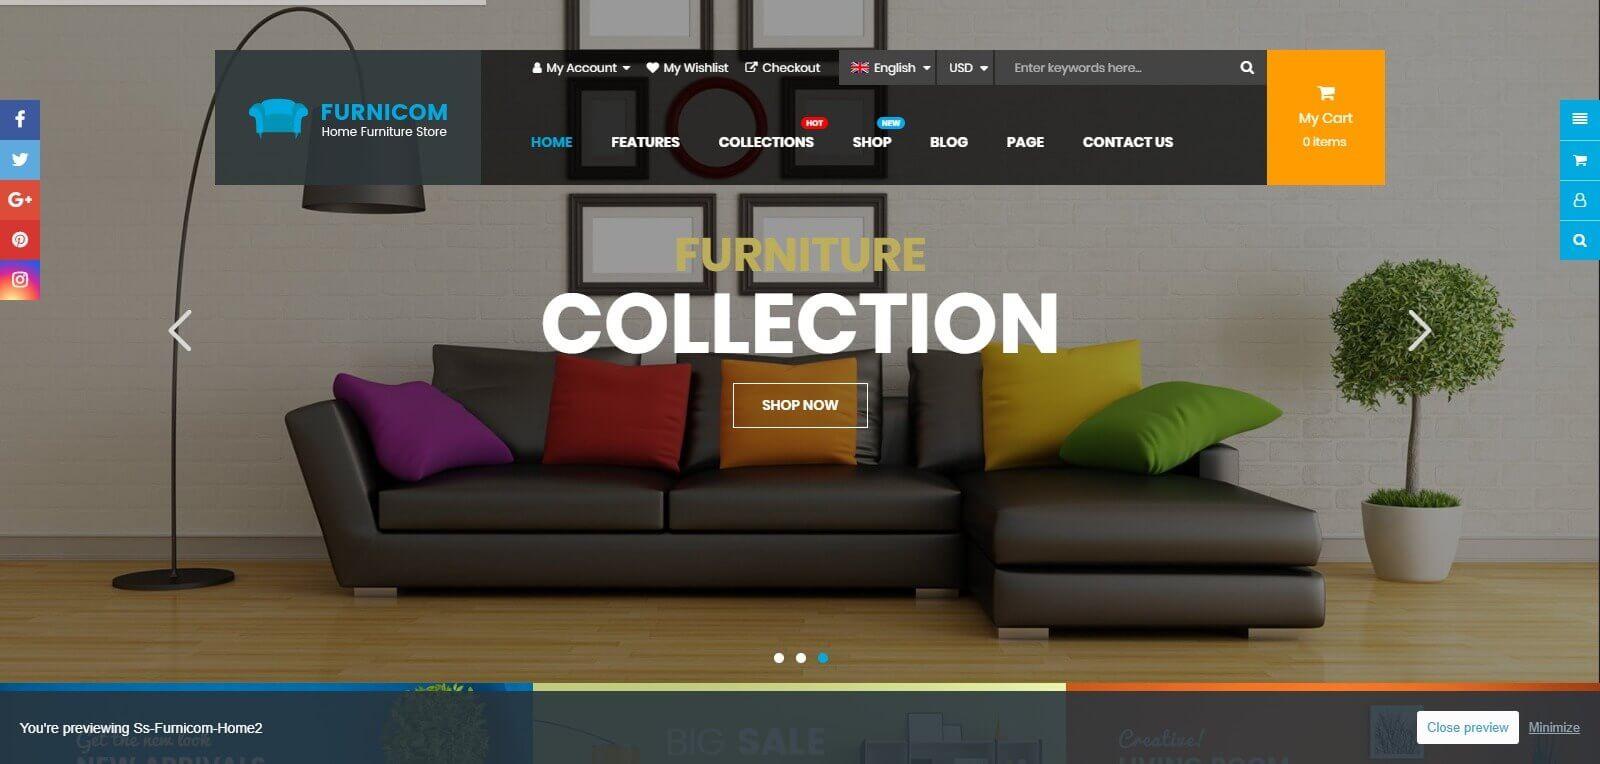 Thiết kế website bán hàng nội thất, mở rộng thị trường kinh doanh